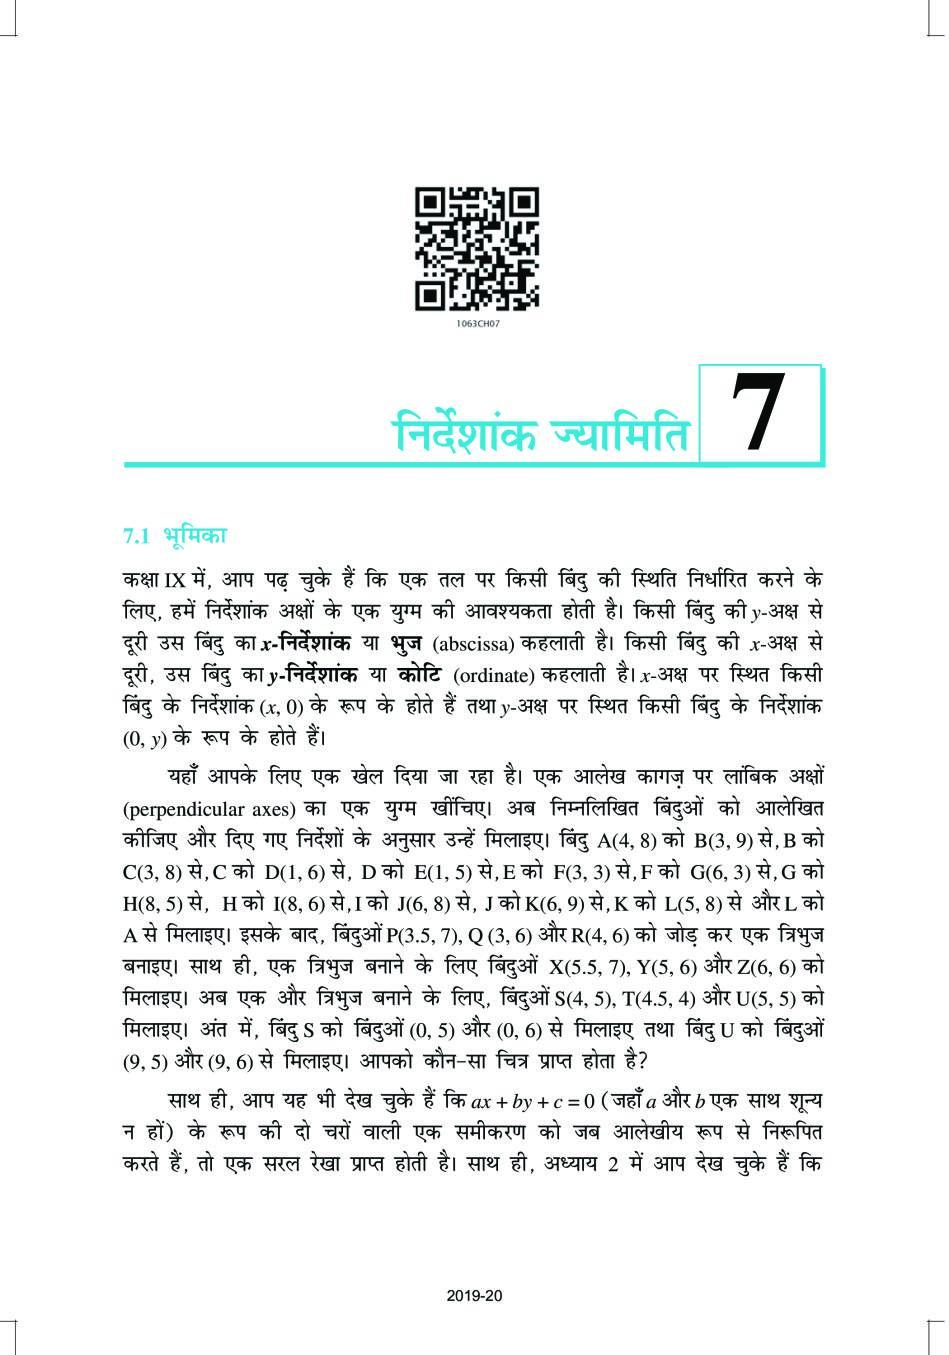 NCERT Book Class 10 Maths (गणित) Chapter 7 निर्देशांक ज्यामिति - Page 1